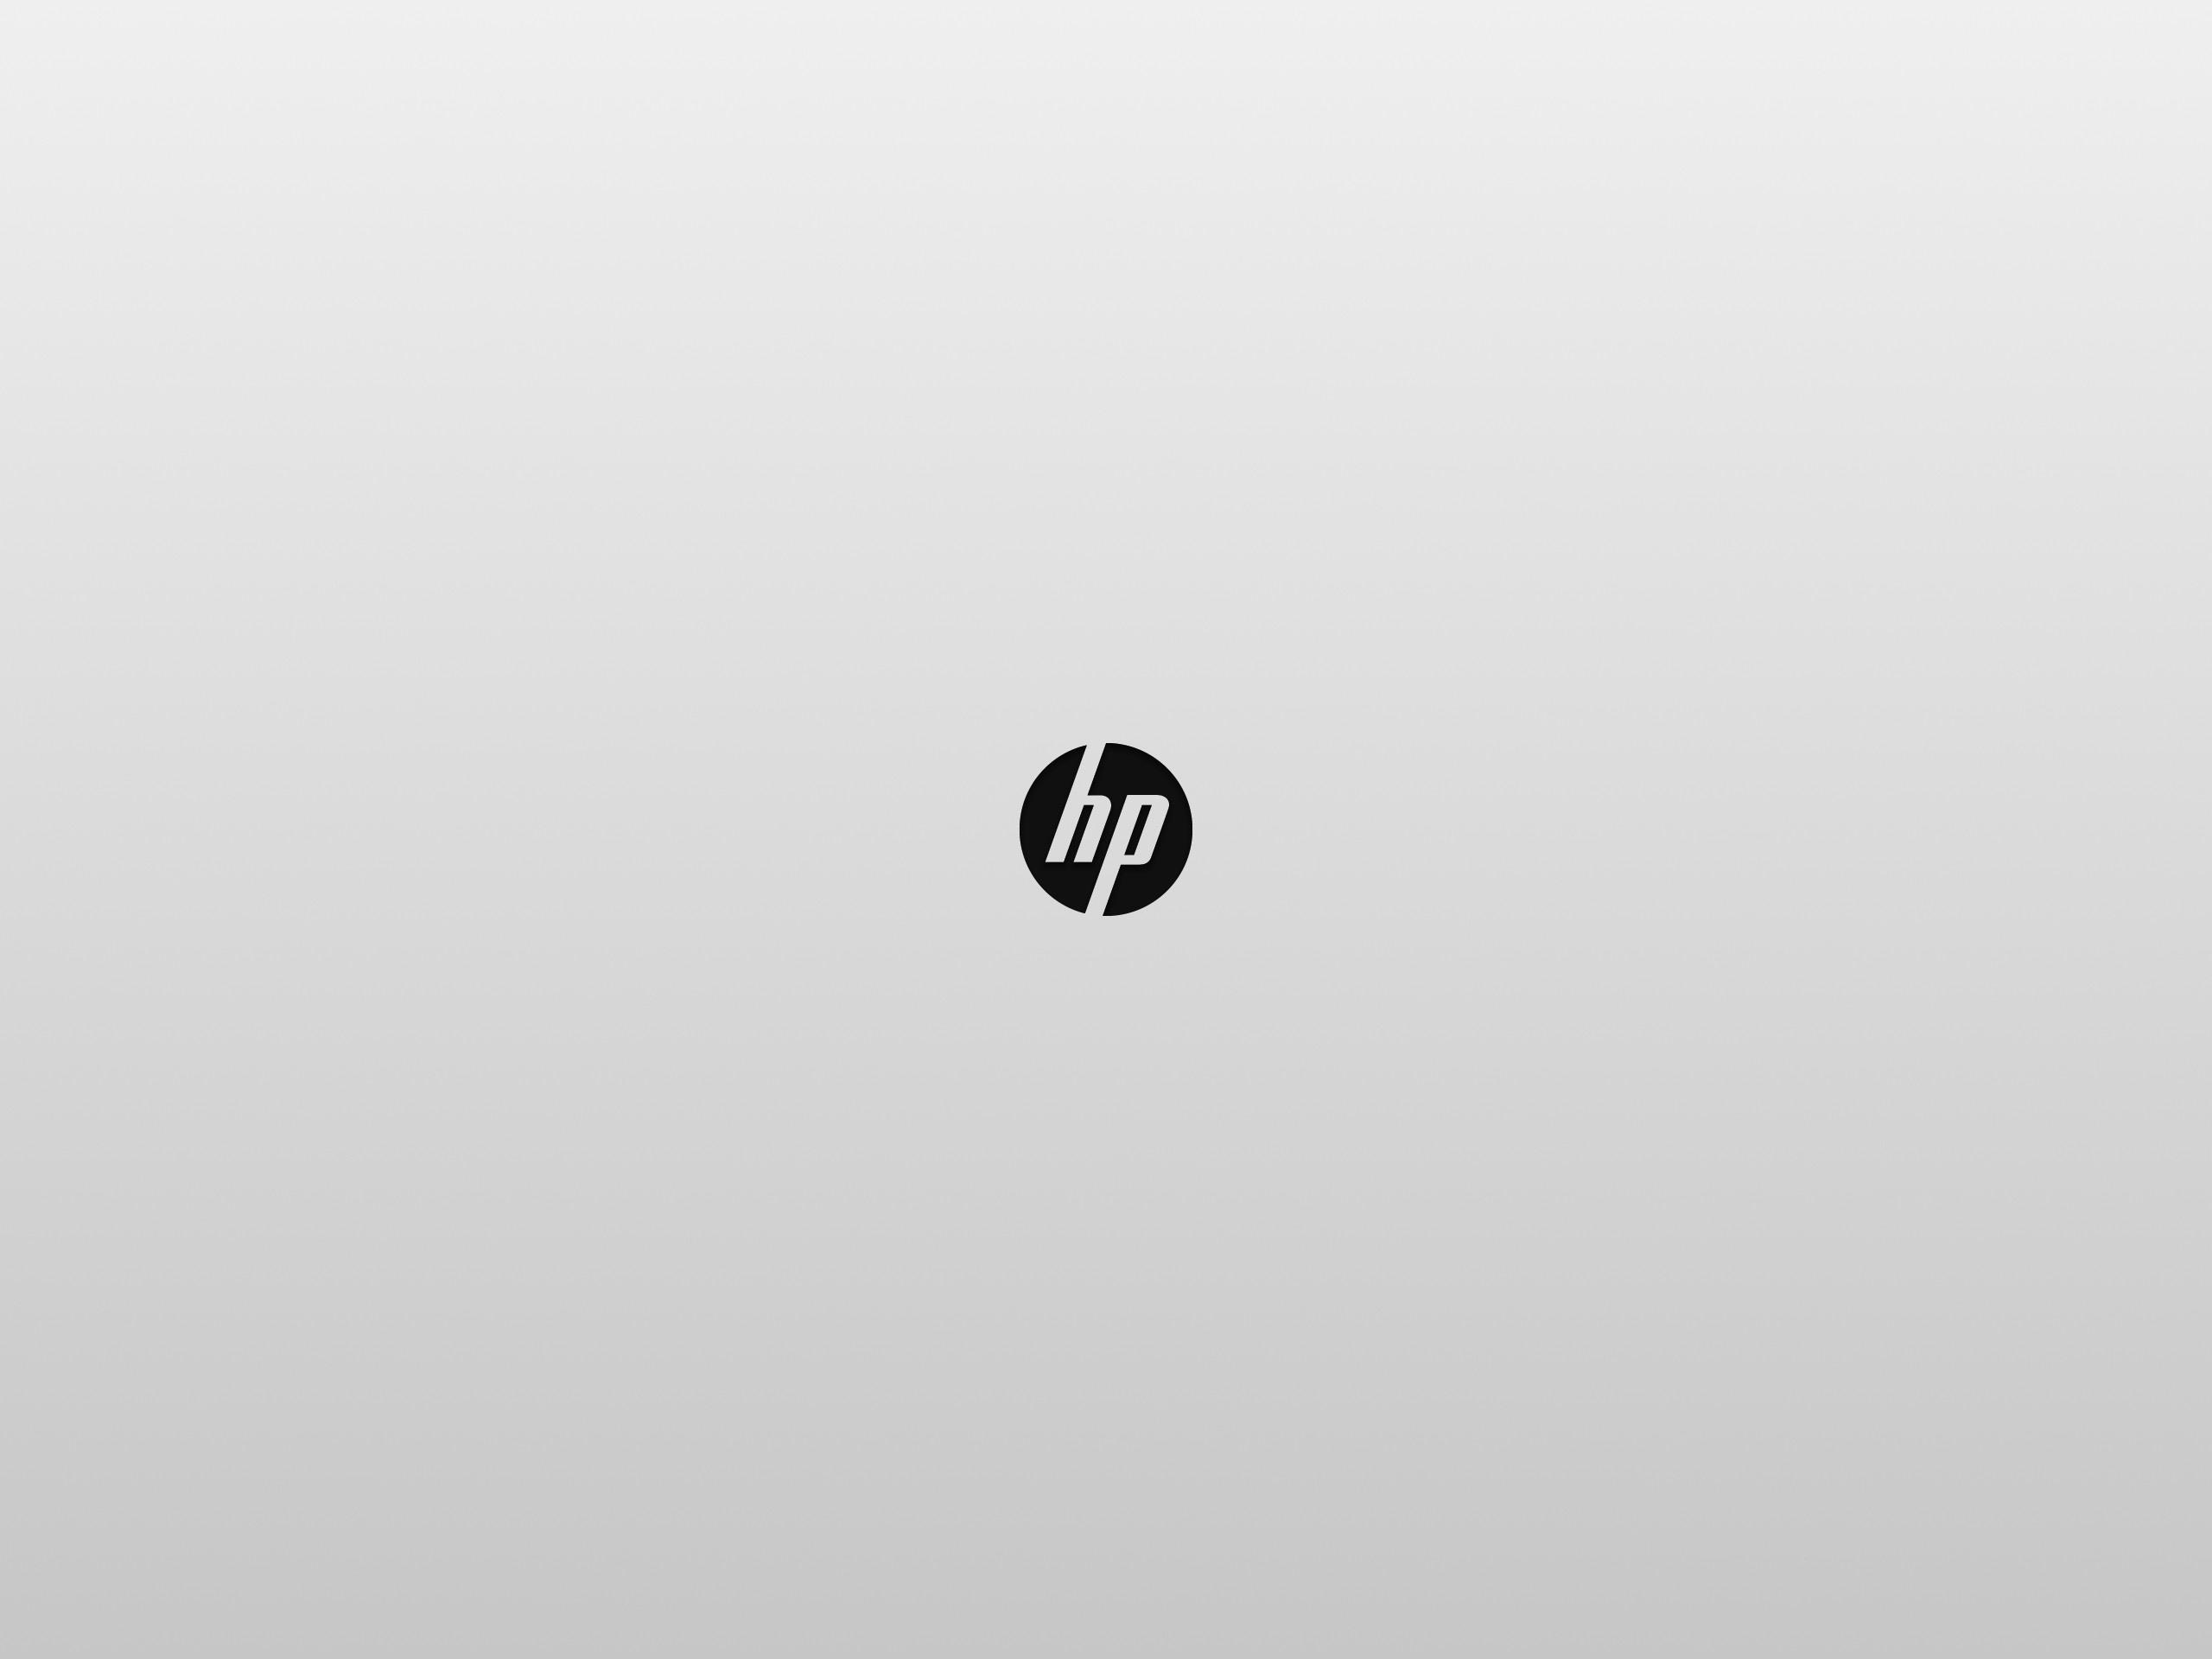 Unduh 730+ Wallpaper Hp White Gambar HD Terbaik